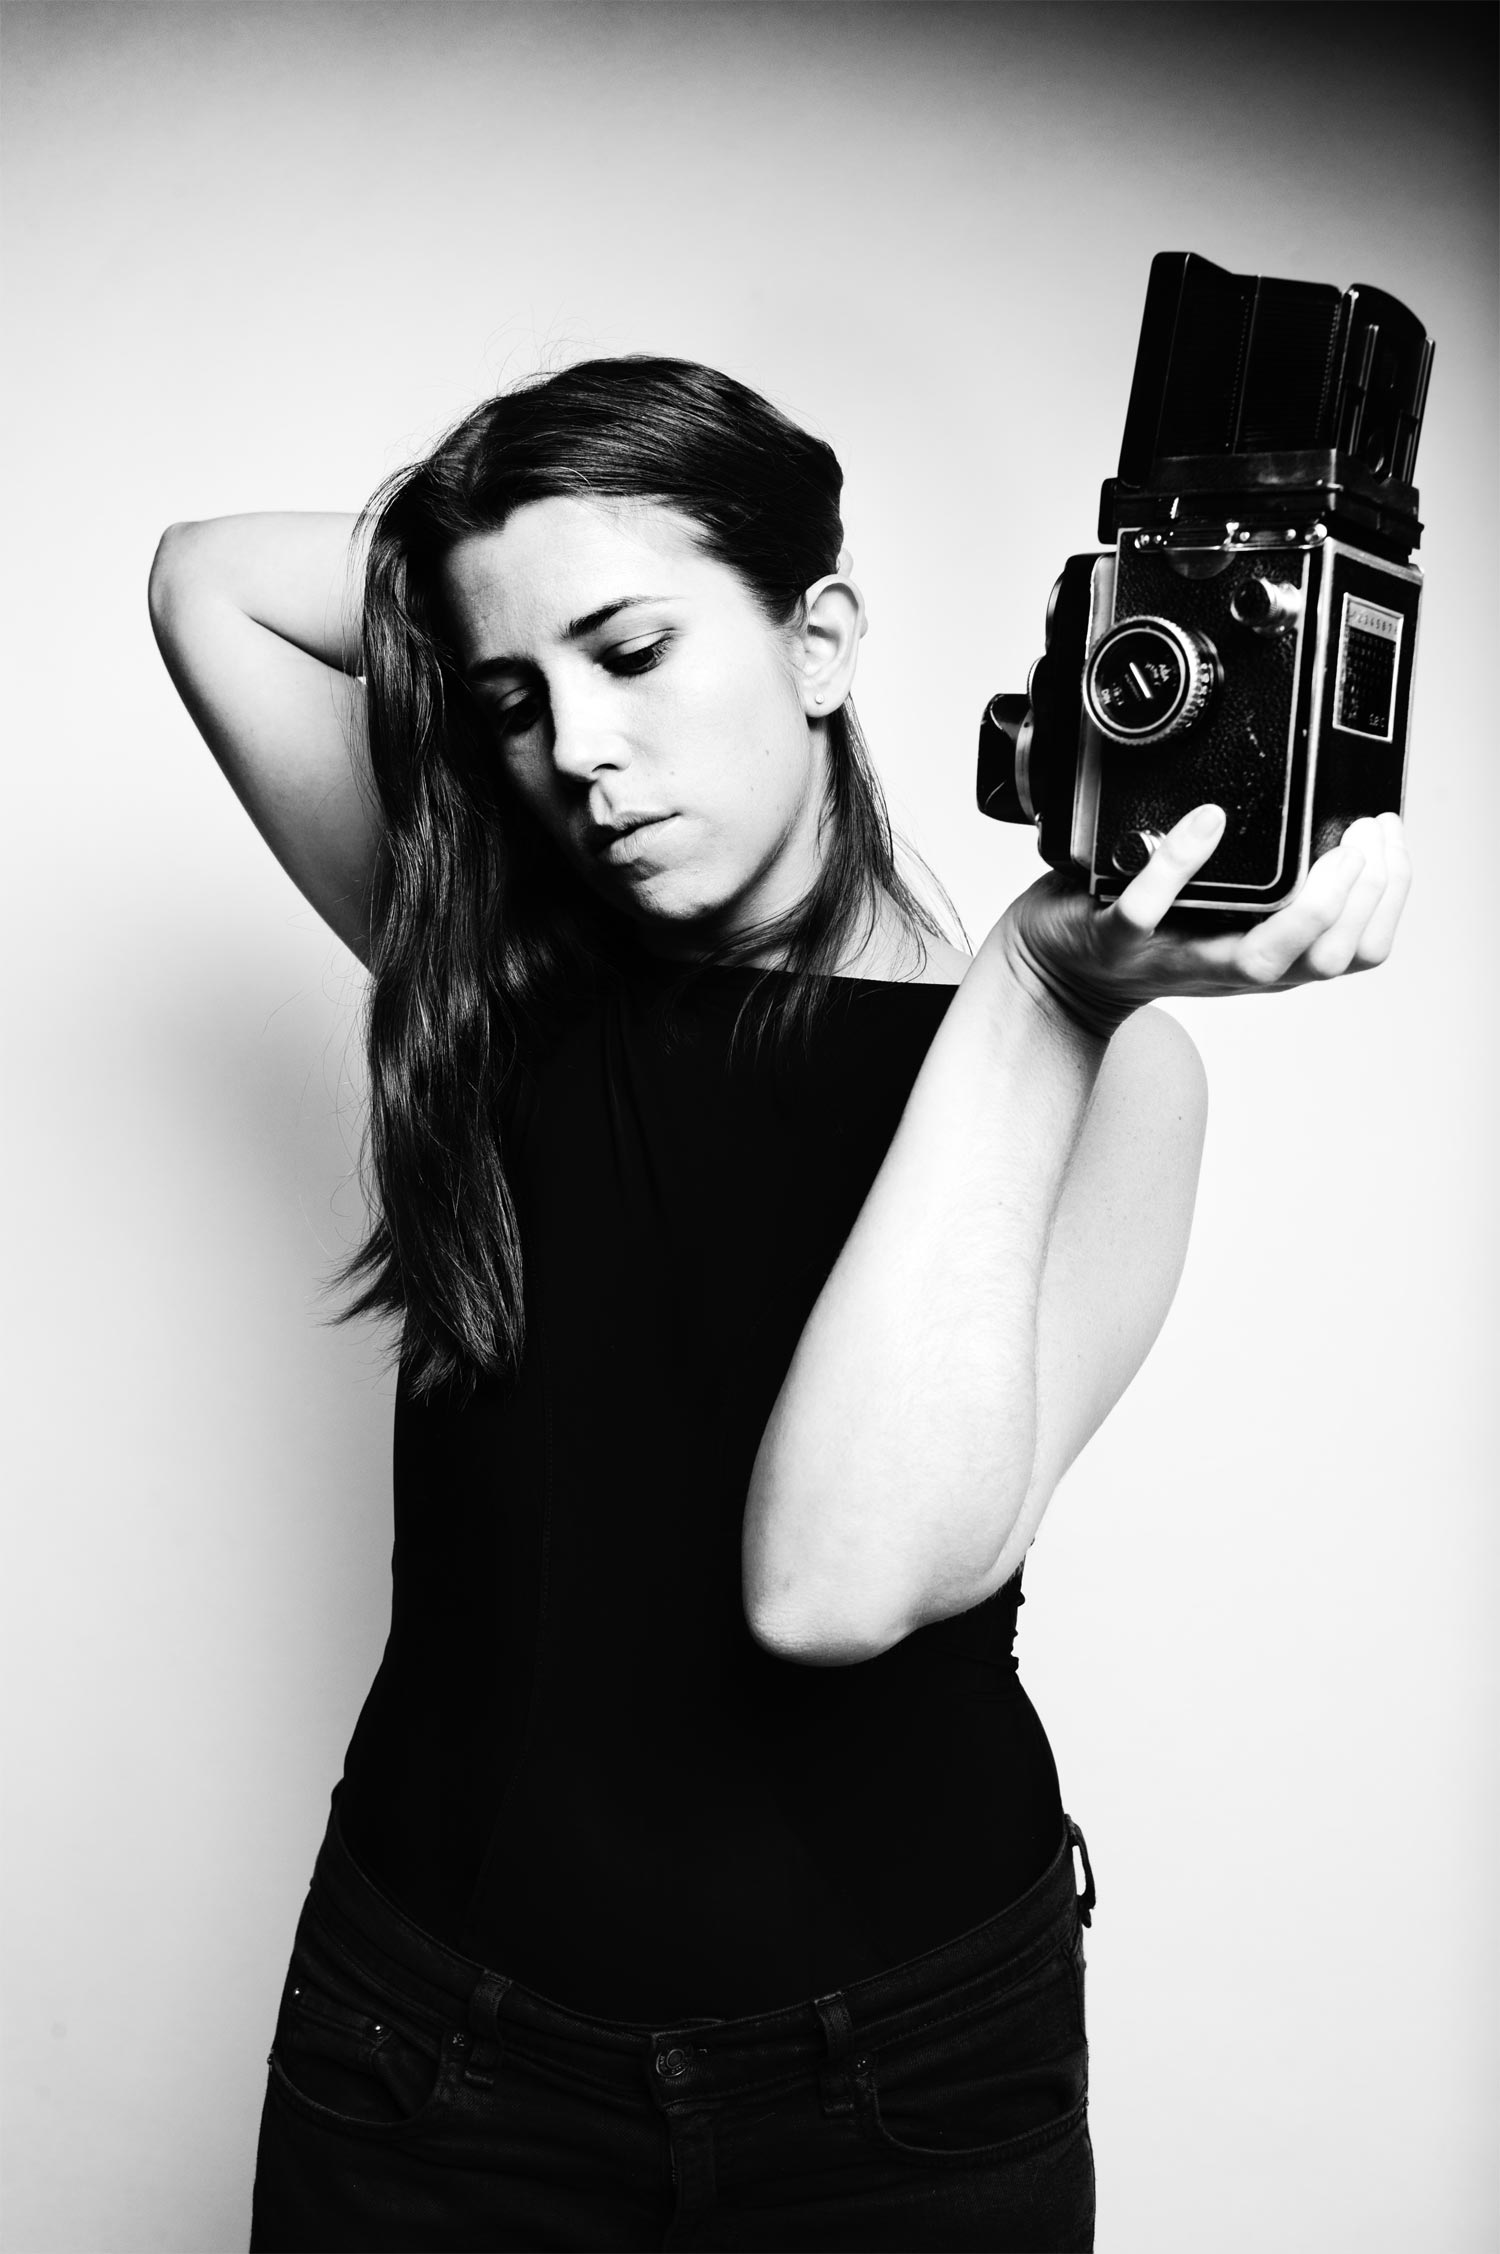 Melanie King Photographer/Model